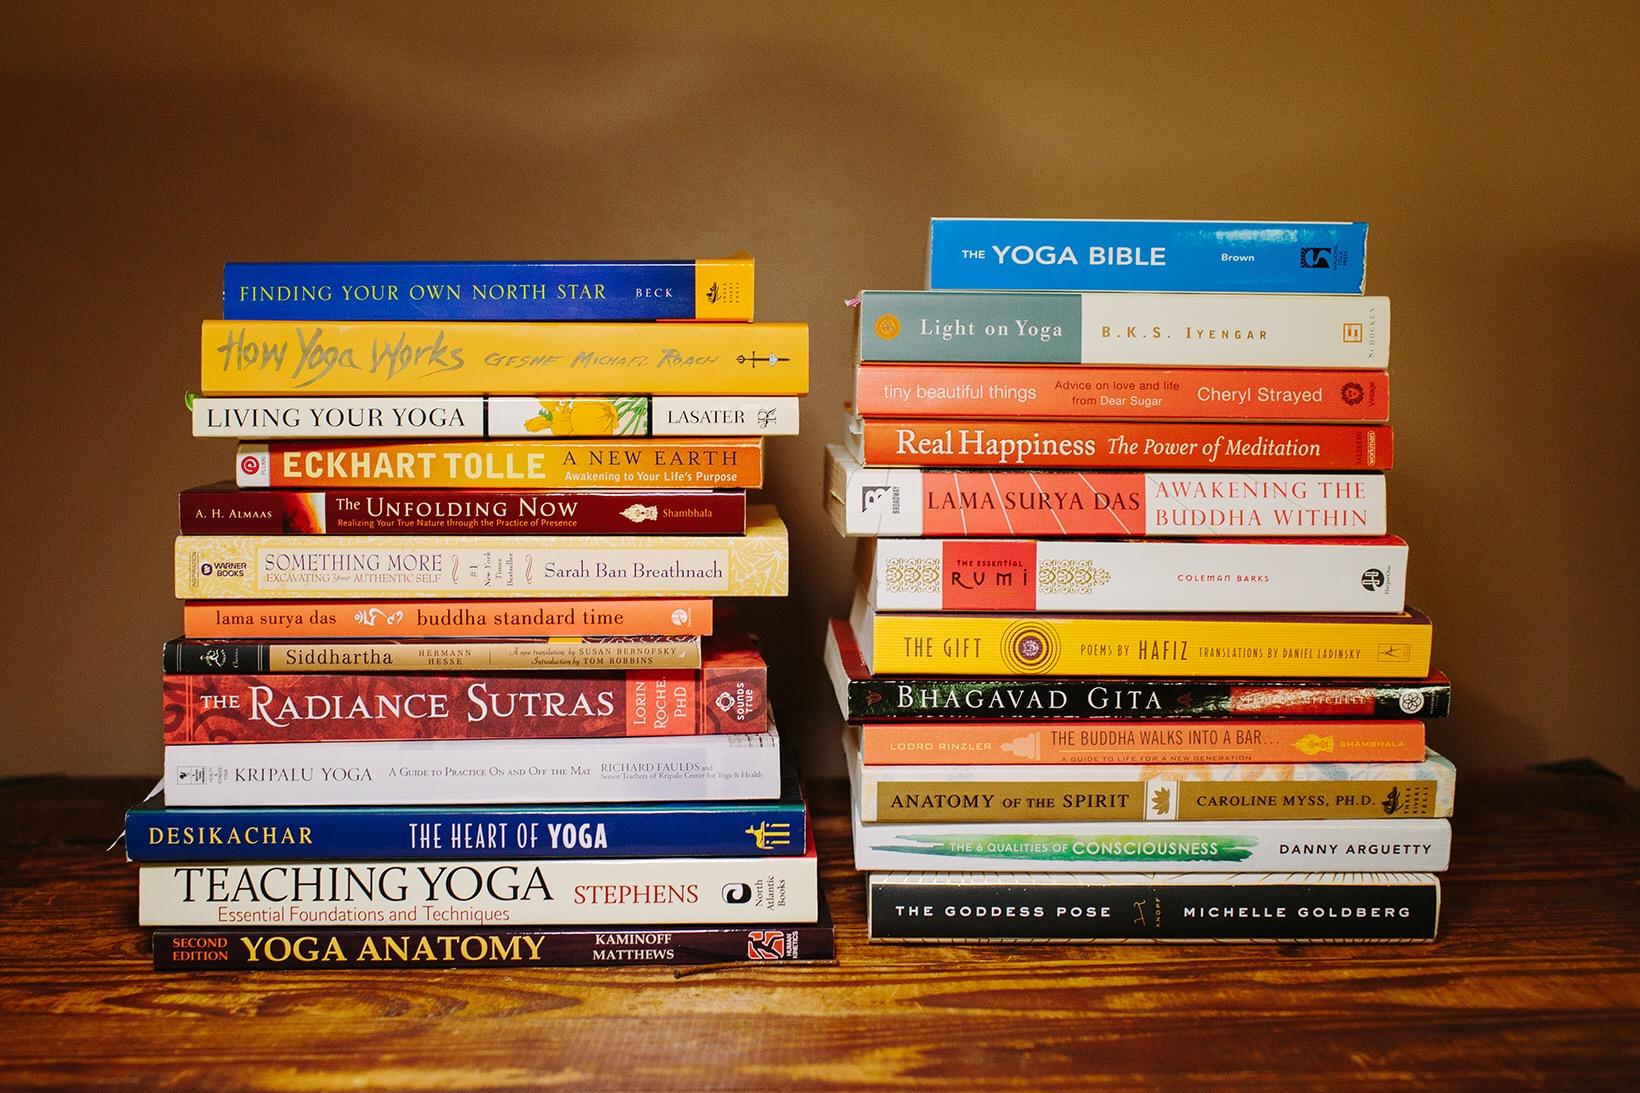 Una selezione dei 10 migliori libri sullo yoga che ogni yogi dovrebbe leggere